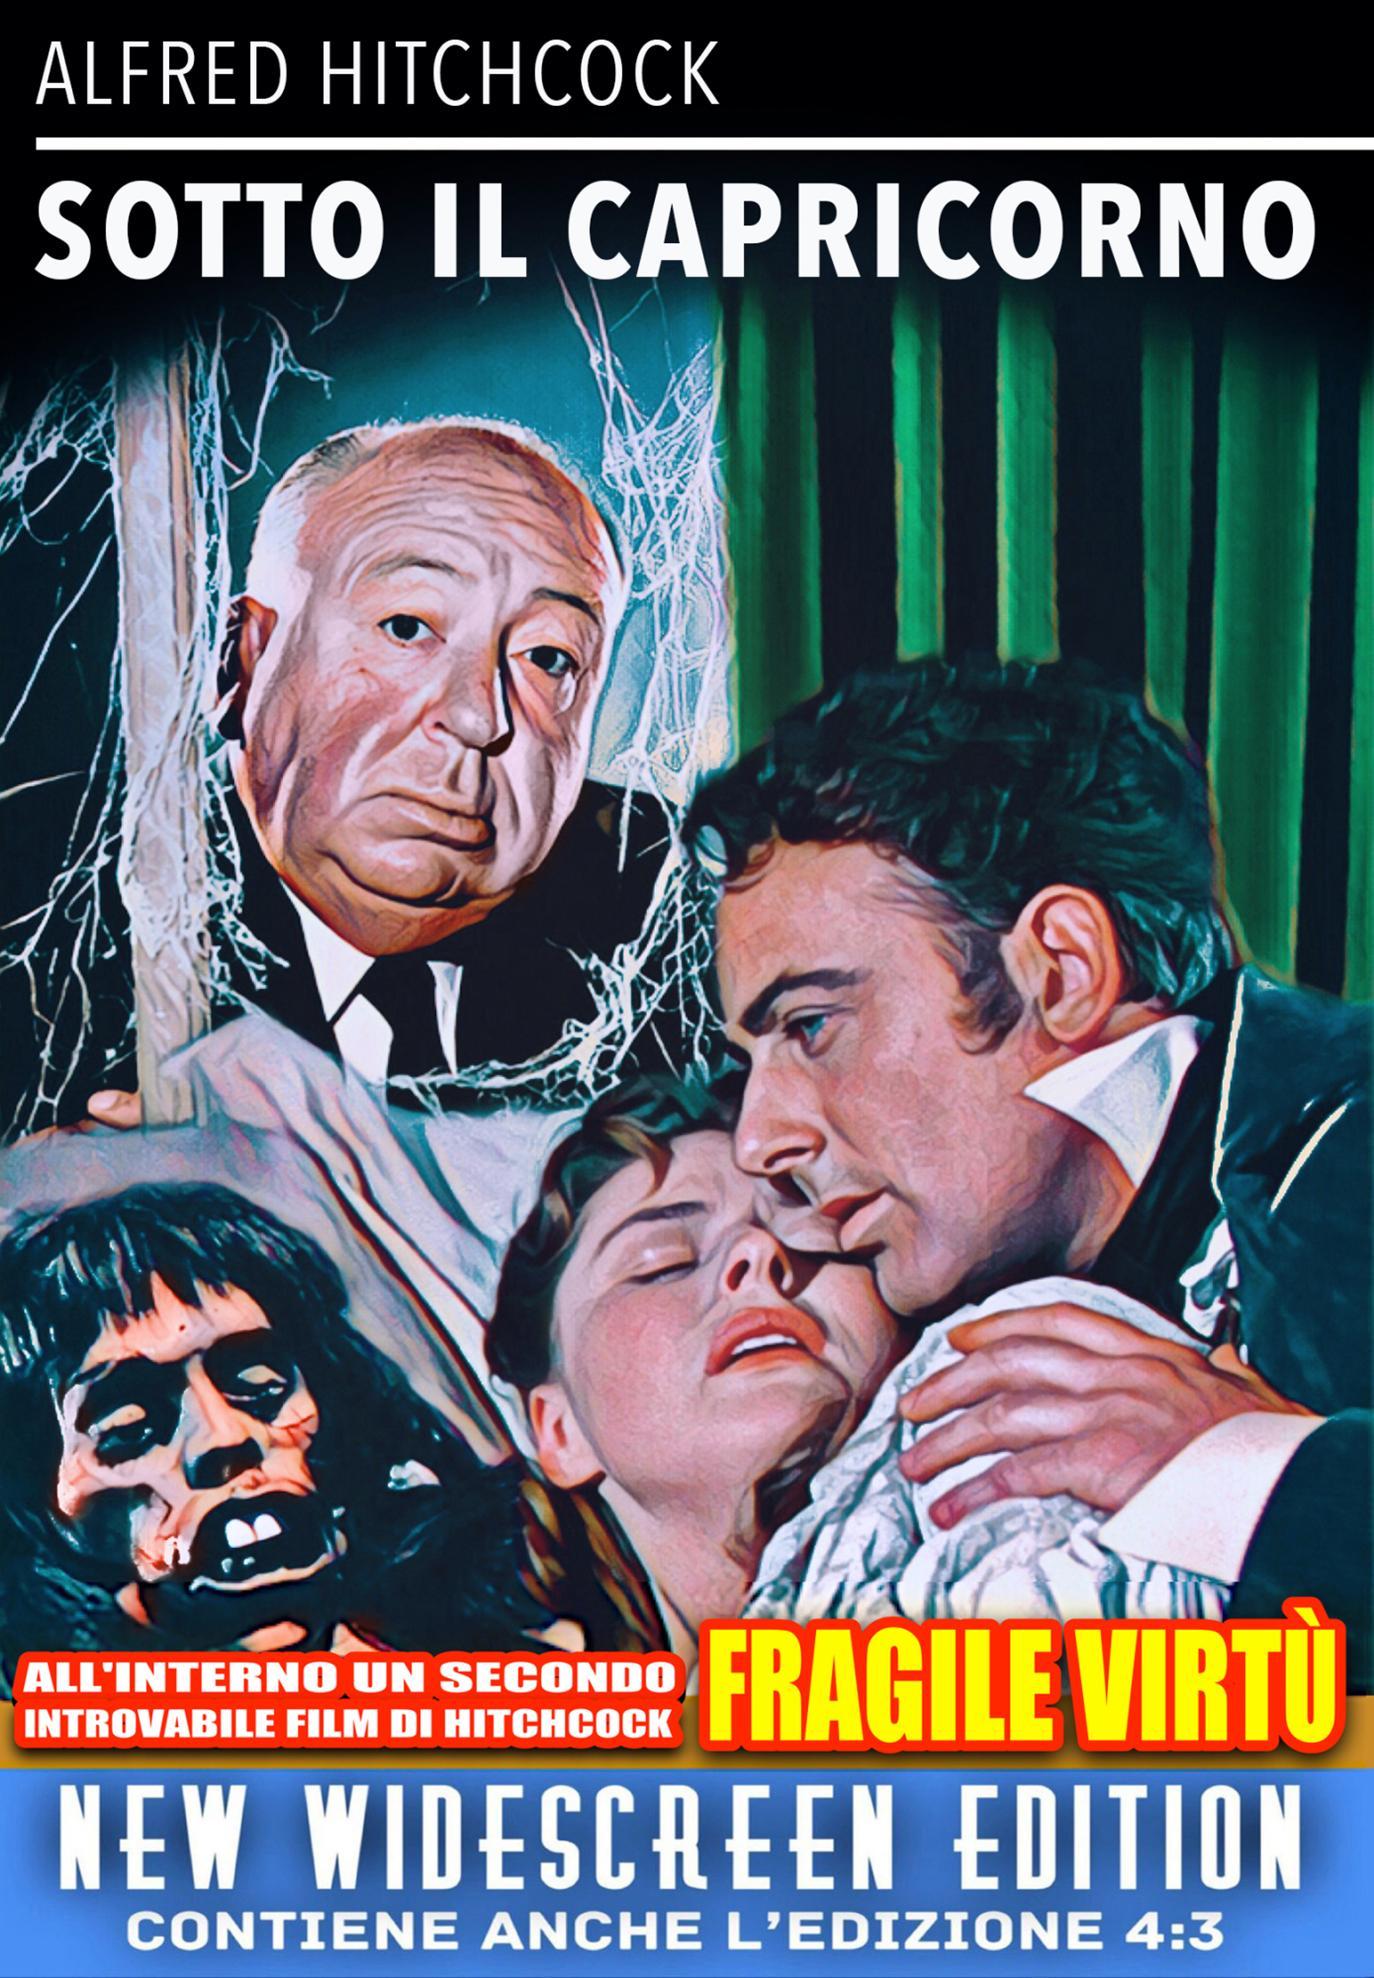 SOTTO IL CAPRICORNO / FRAGILE VIRTU' (DVD)